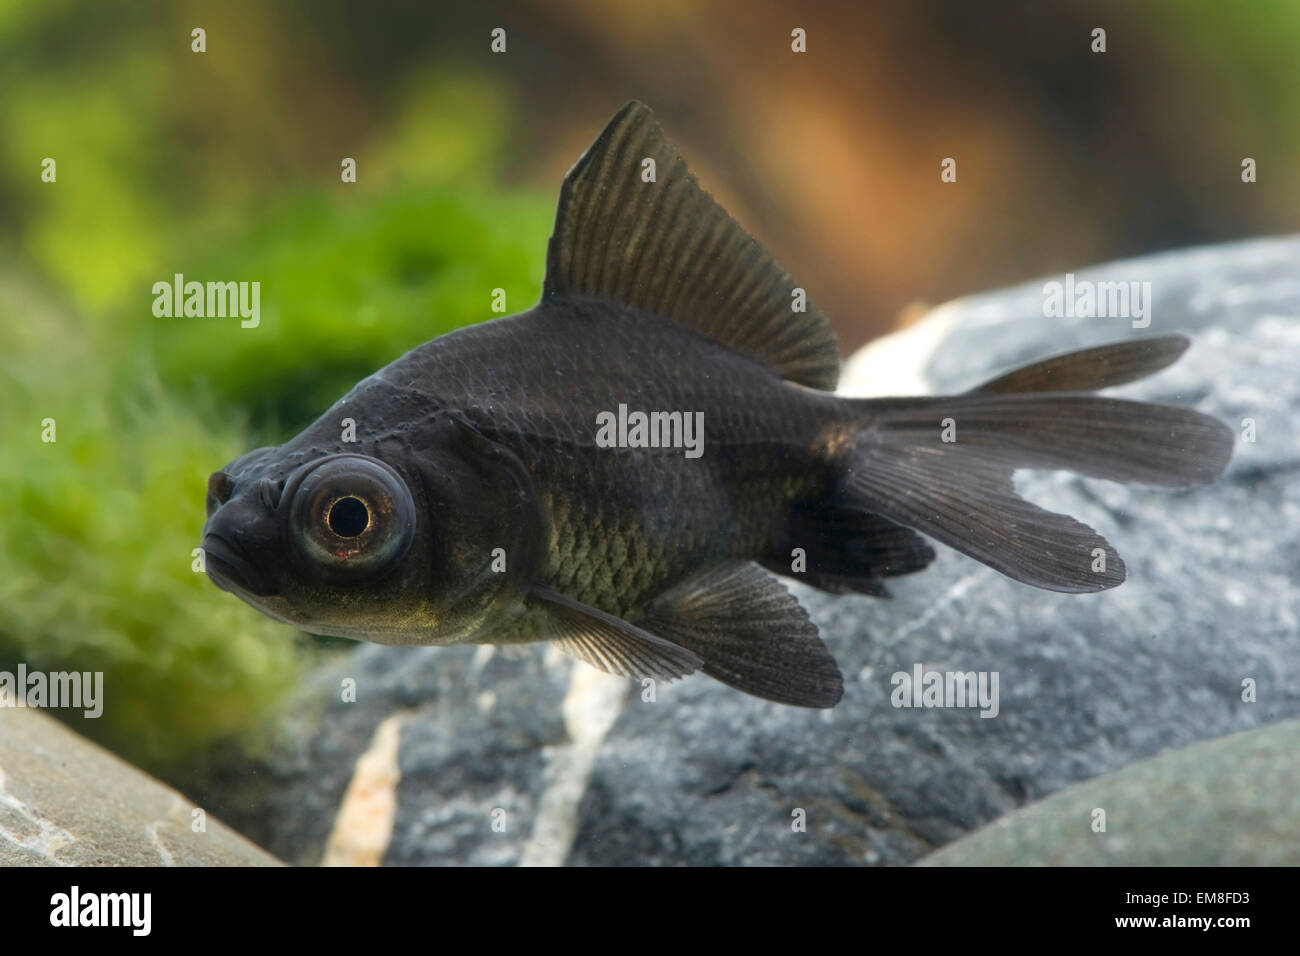 Carassius auratus Black Moon,Goldfisch,Goldfish Stock Photo